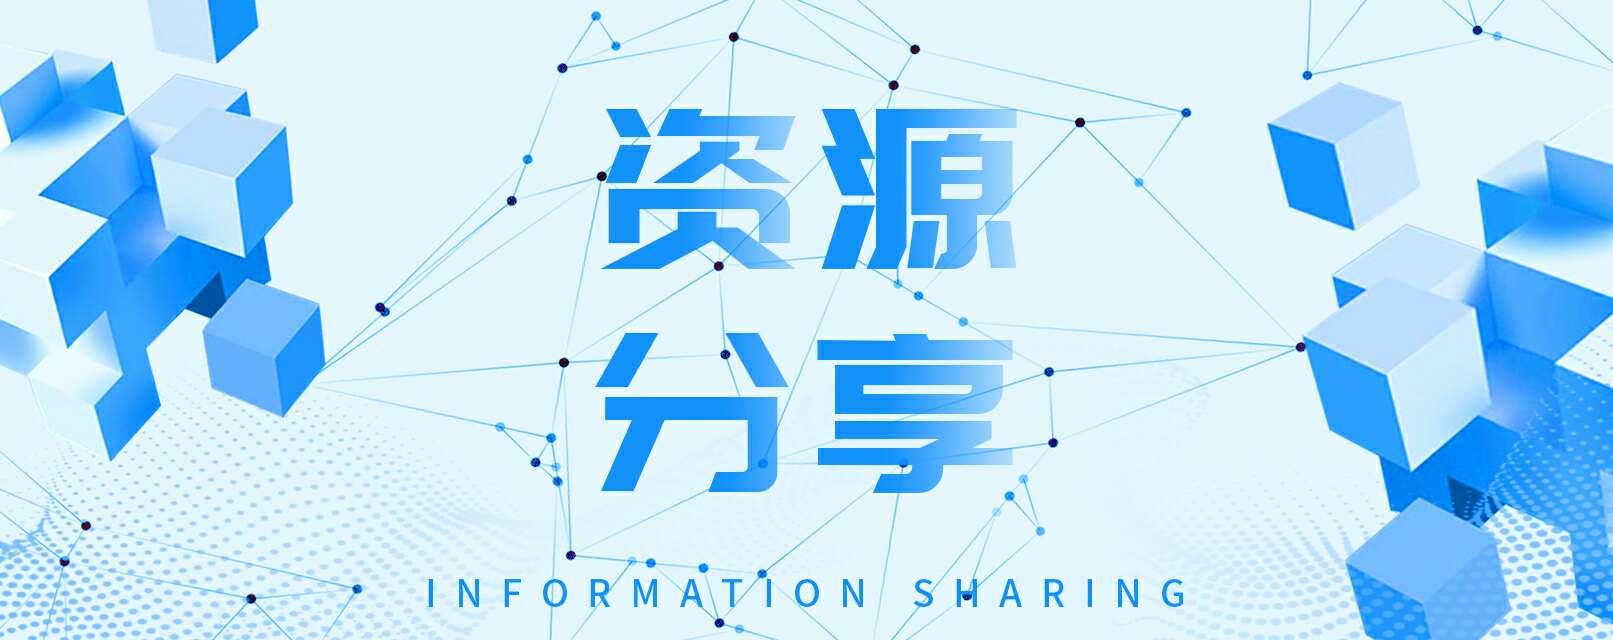 【资源分享】Transparentlcons逶明图标(美化手机)